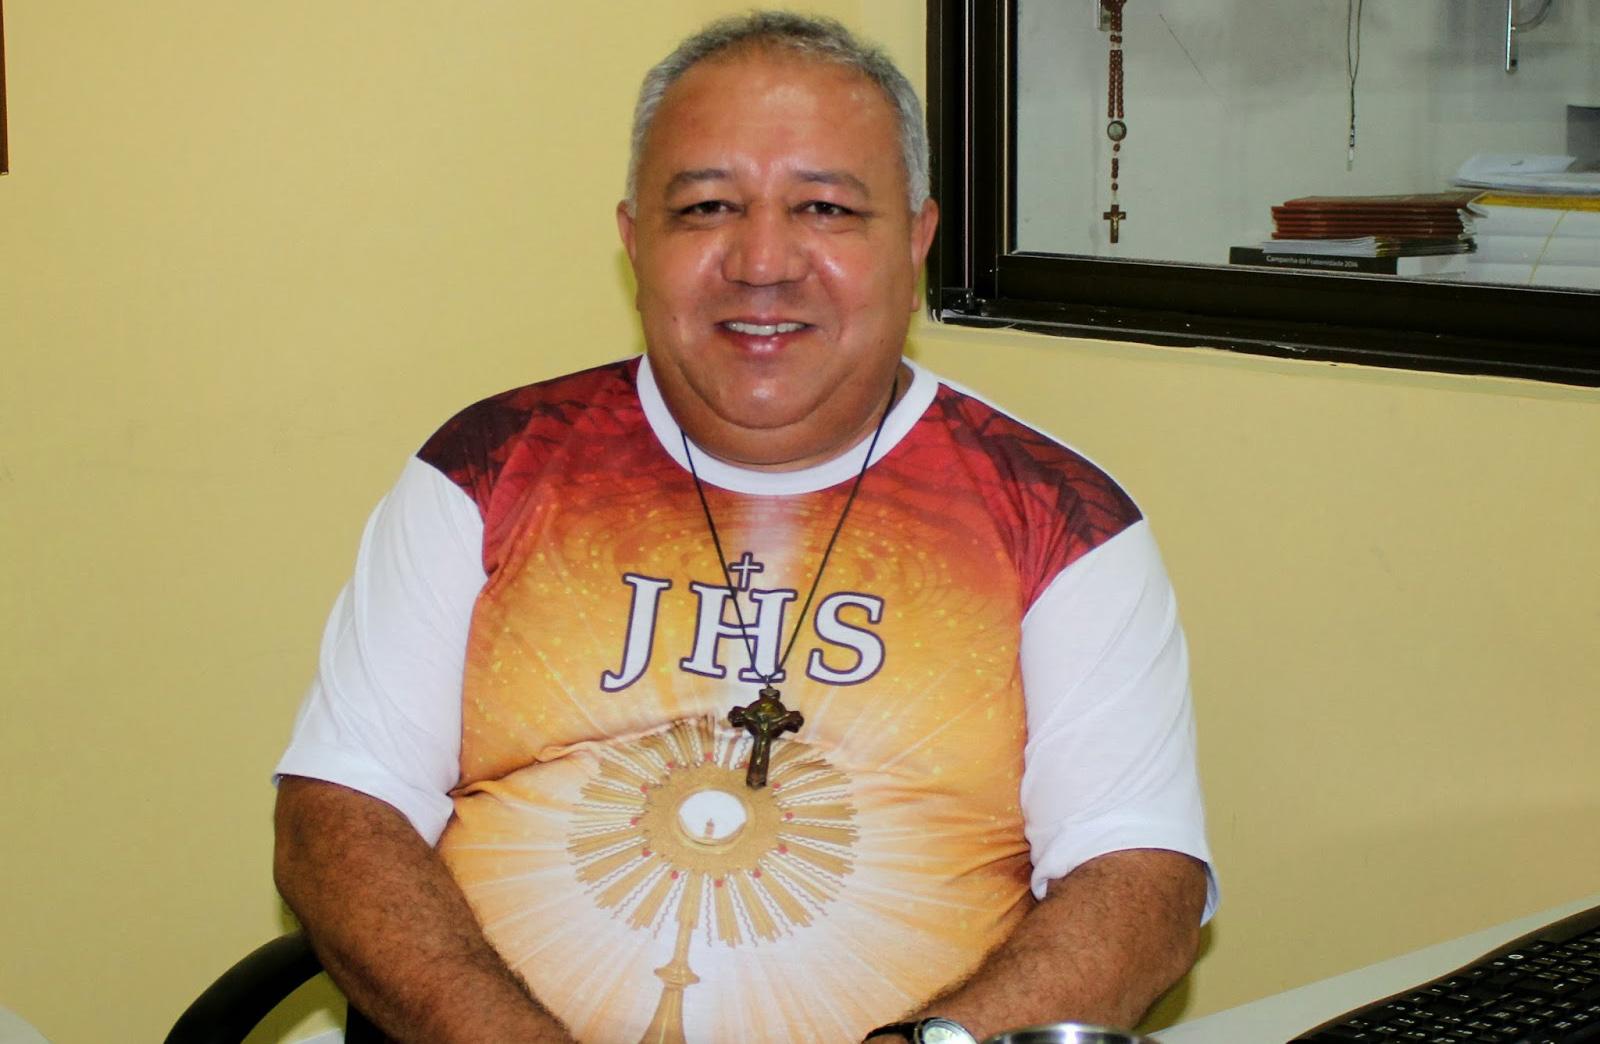 Padre Cézar Teixeira, pároco local, celebrará a missa de encerramento sa festa (Foto: Reprodução/Jailton Rodrigues)